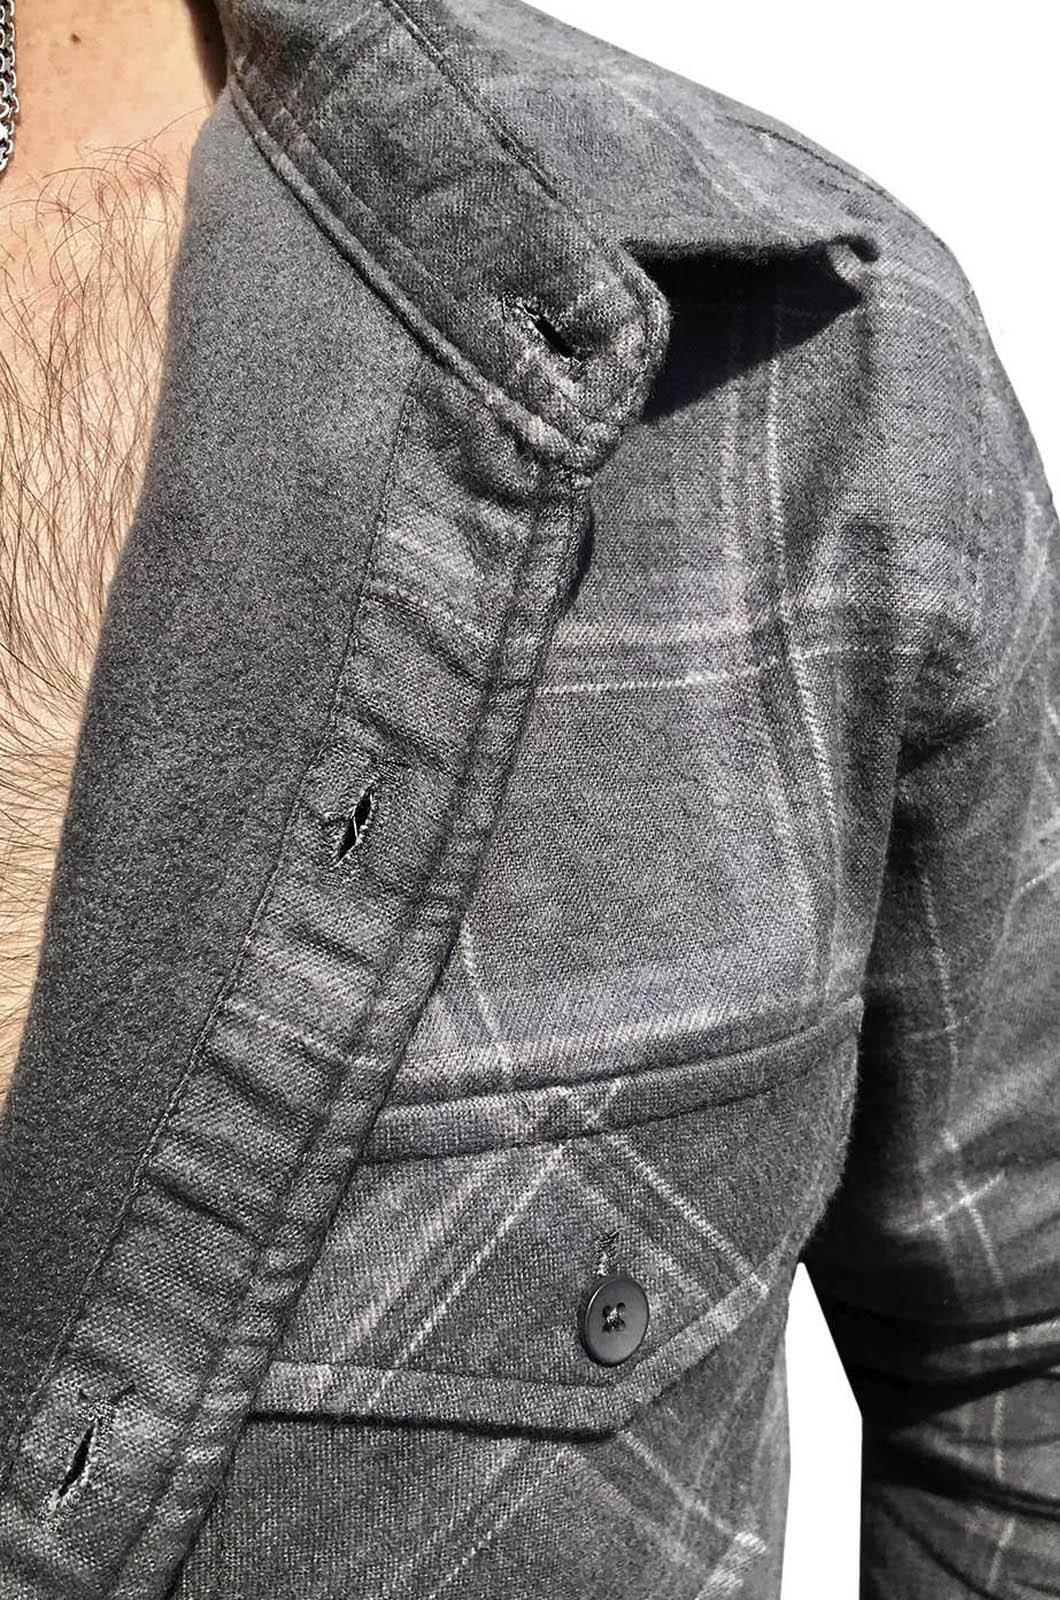 Мужская крутая рубашка с вышитым шевроном МЧС РФ - купить о низкой цене